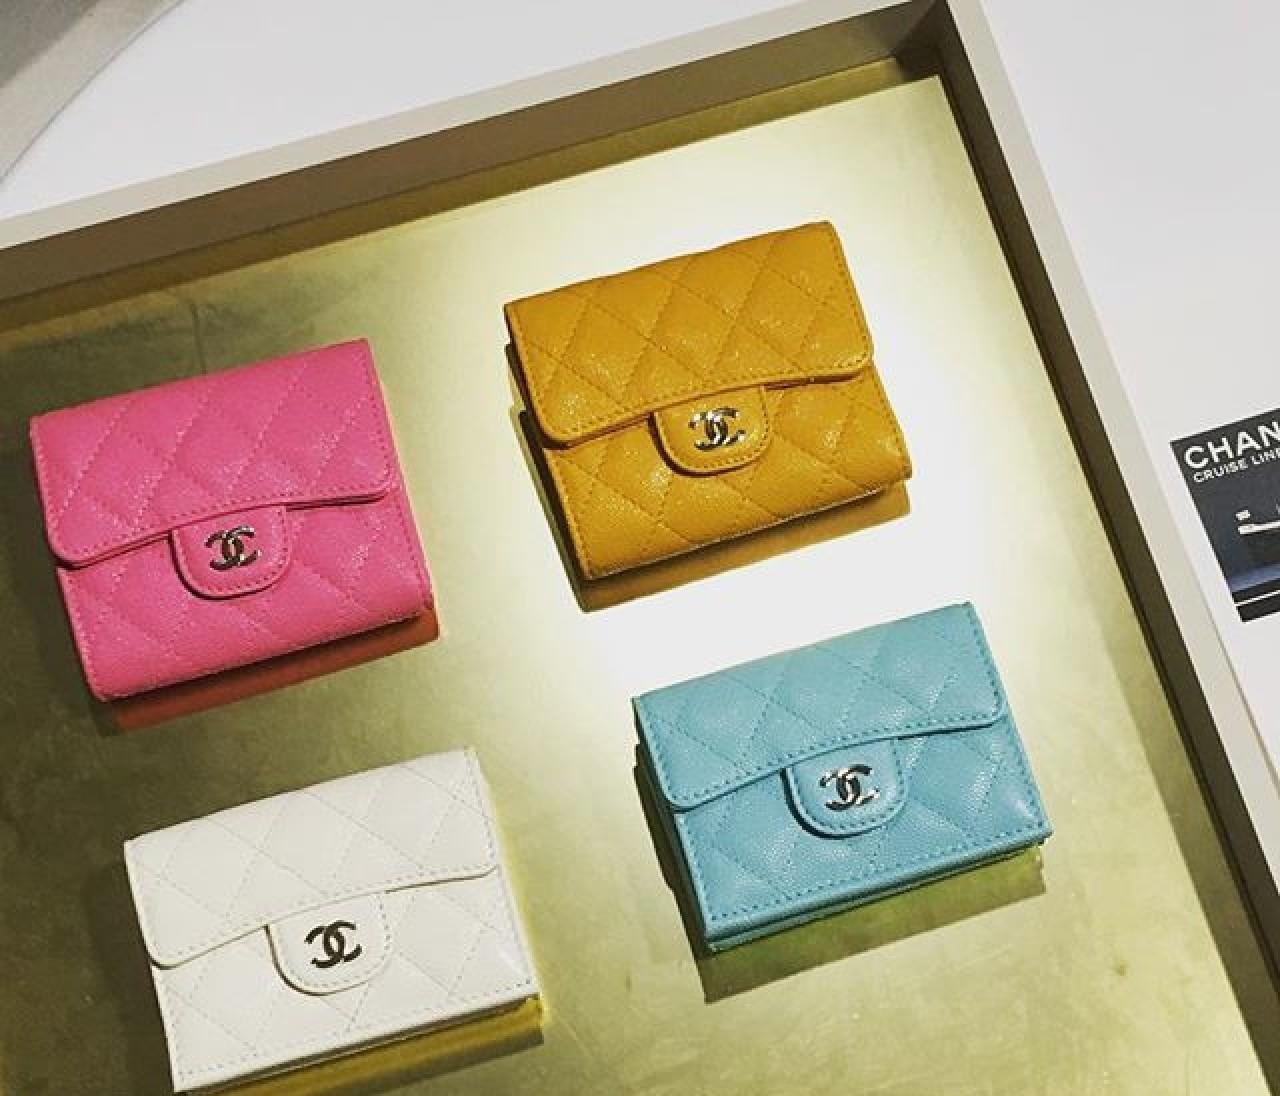 人気はますます拡大中。ミニ財布のブランド新作をチェック【展示会速報】